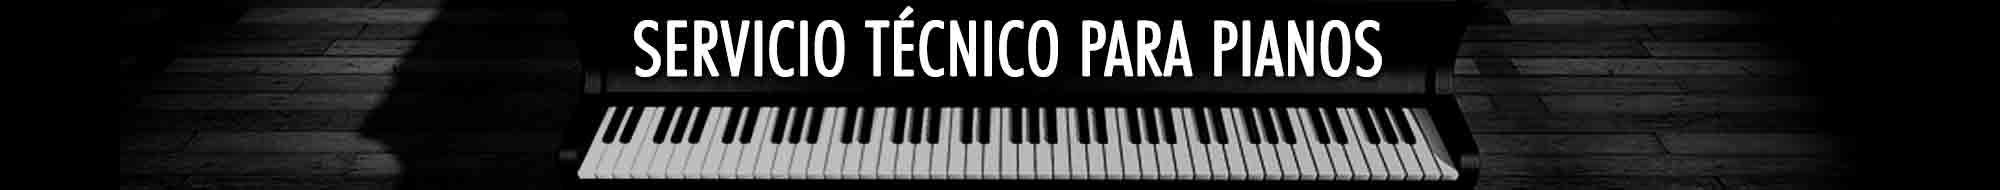 Servicio Técnico para Pianos